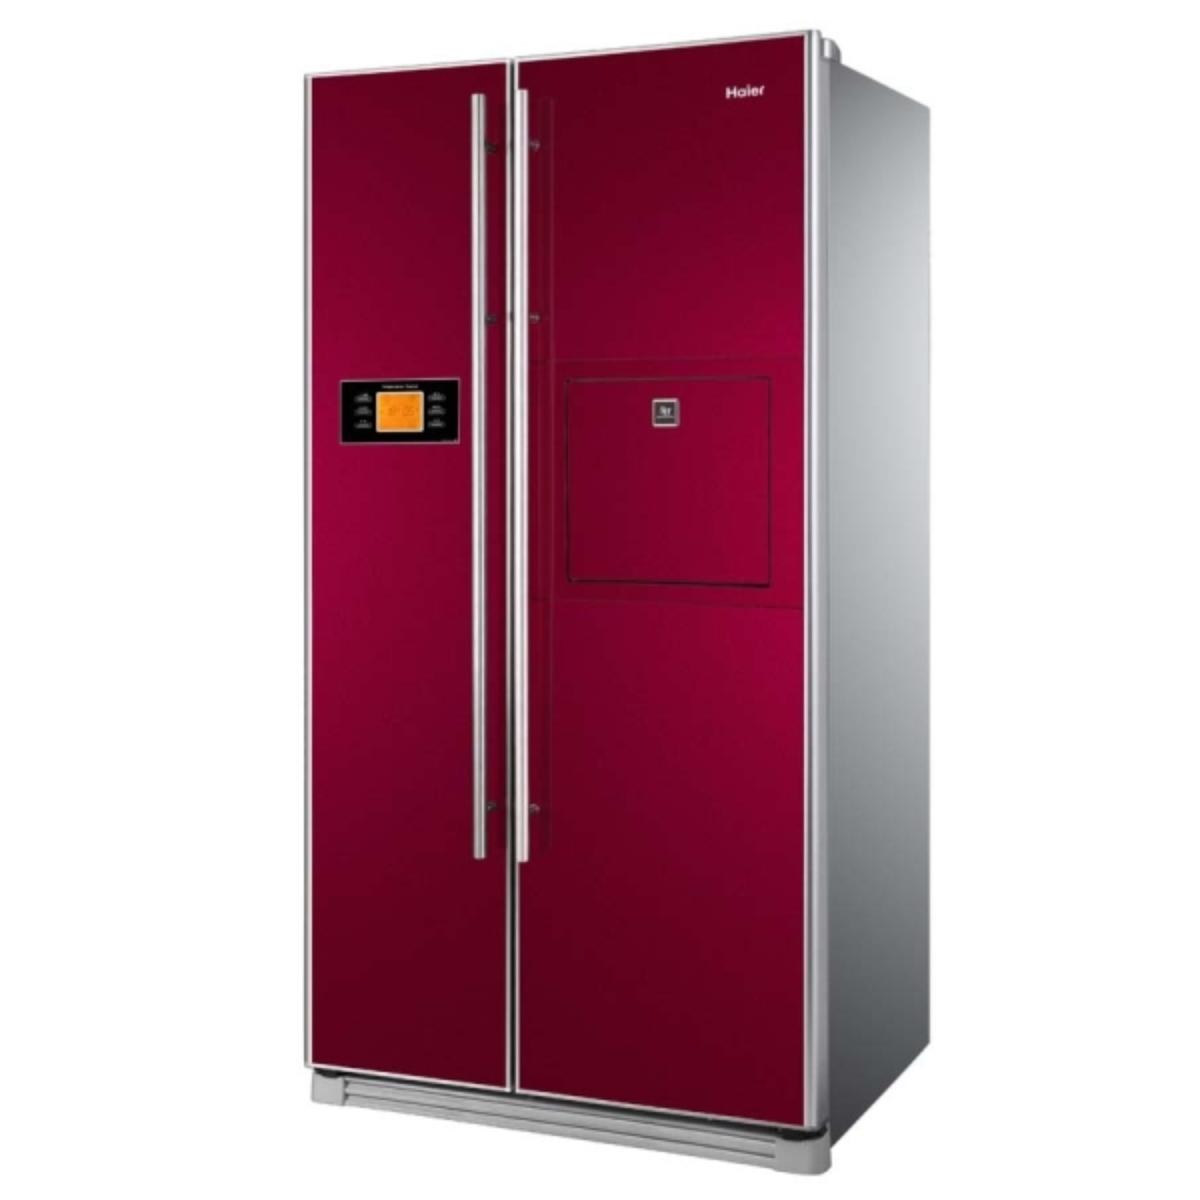 台下嵌入式冰箱怎样 台下嵌入式冰箱品牌